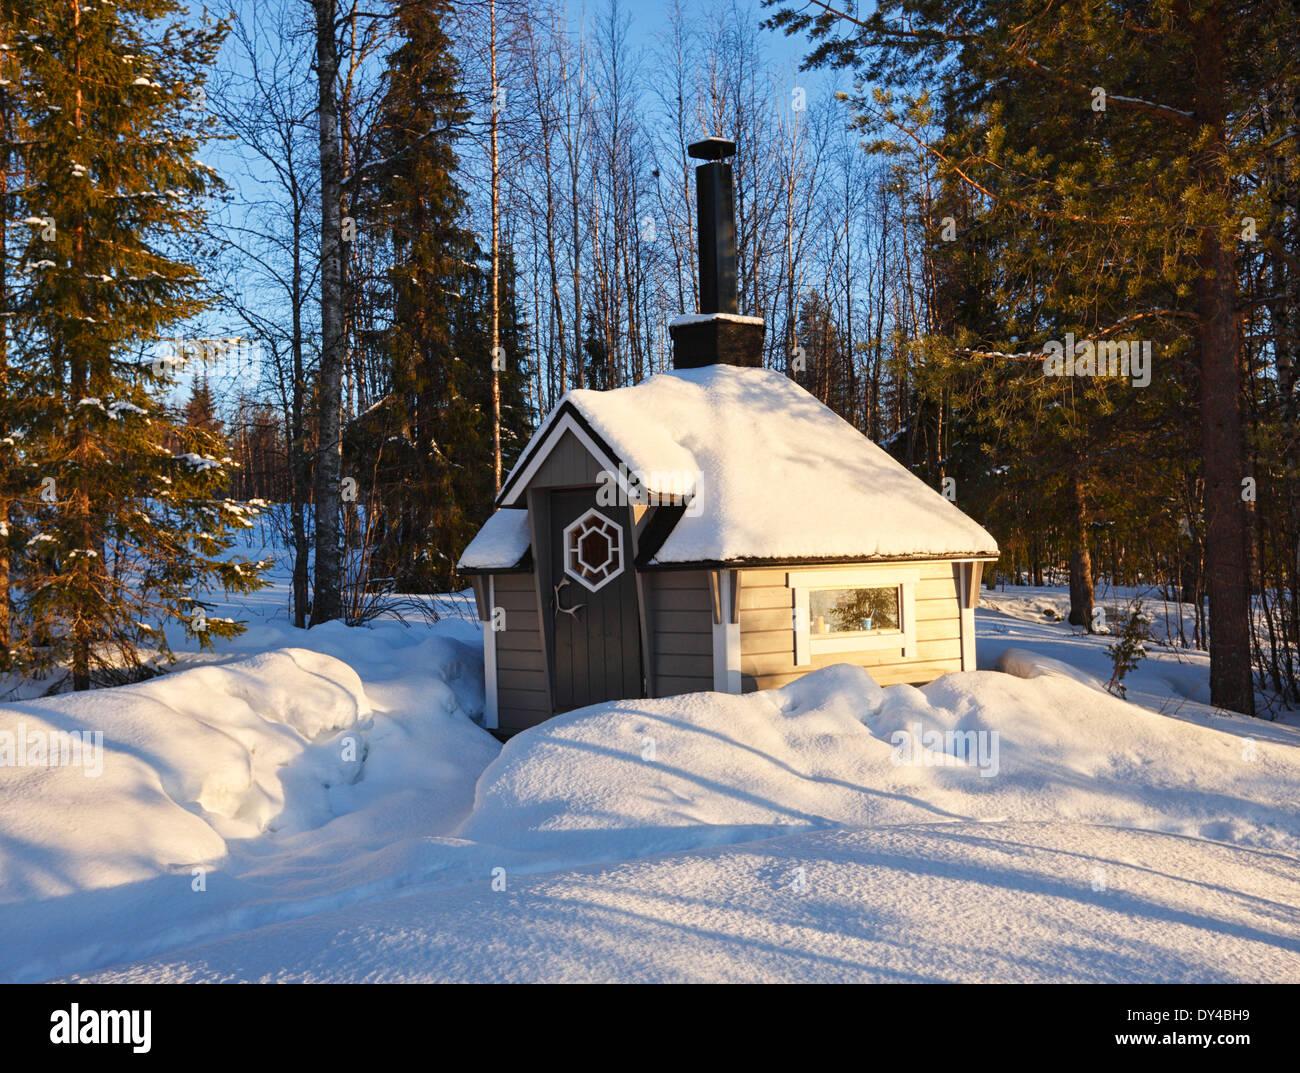 Petite cabine de sauna en bois en Finlande, Laponie. Banque D'Images